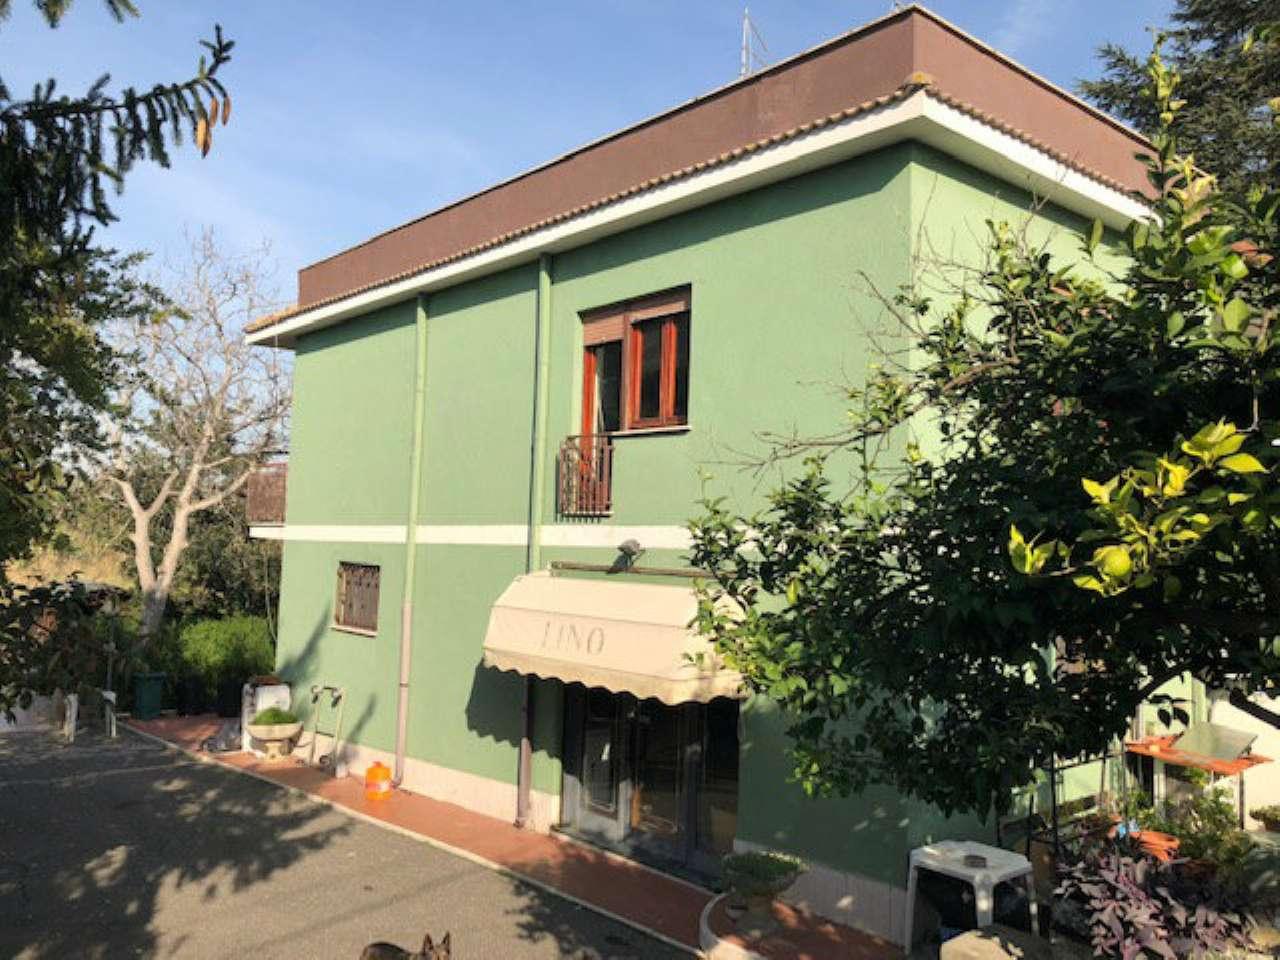 Appartamento in vendita a Roma, 4 locali, zona Zona: 40 . Piana del Sole, Casal Lumbroso, Malagrotta, Ponte Galeria, prezzo € 159.000 | CambioCasa.it